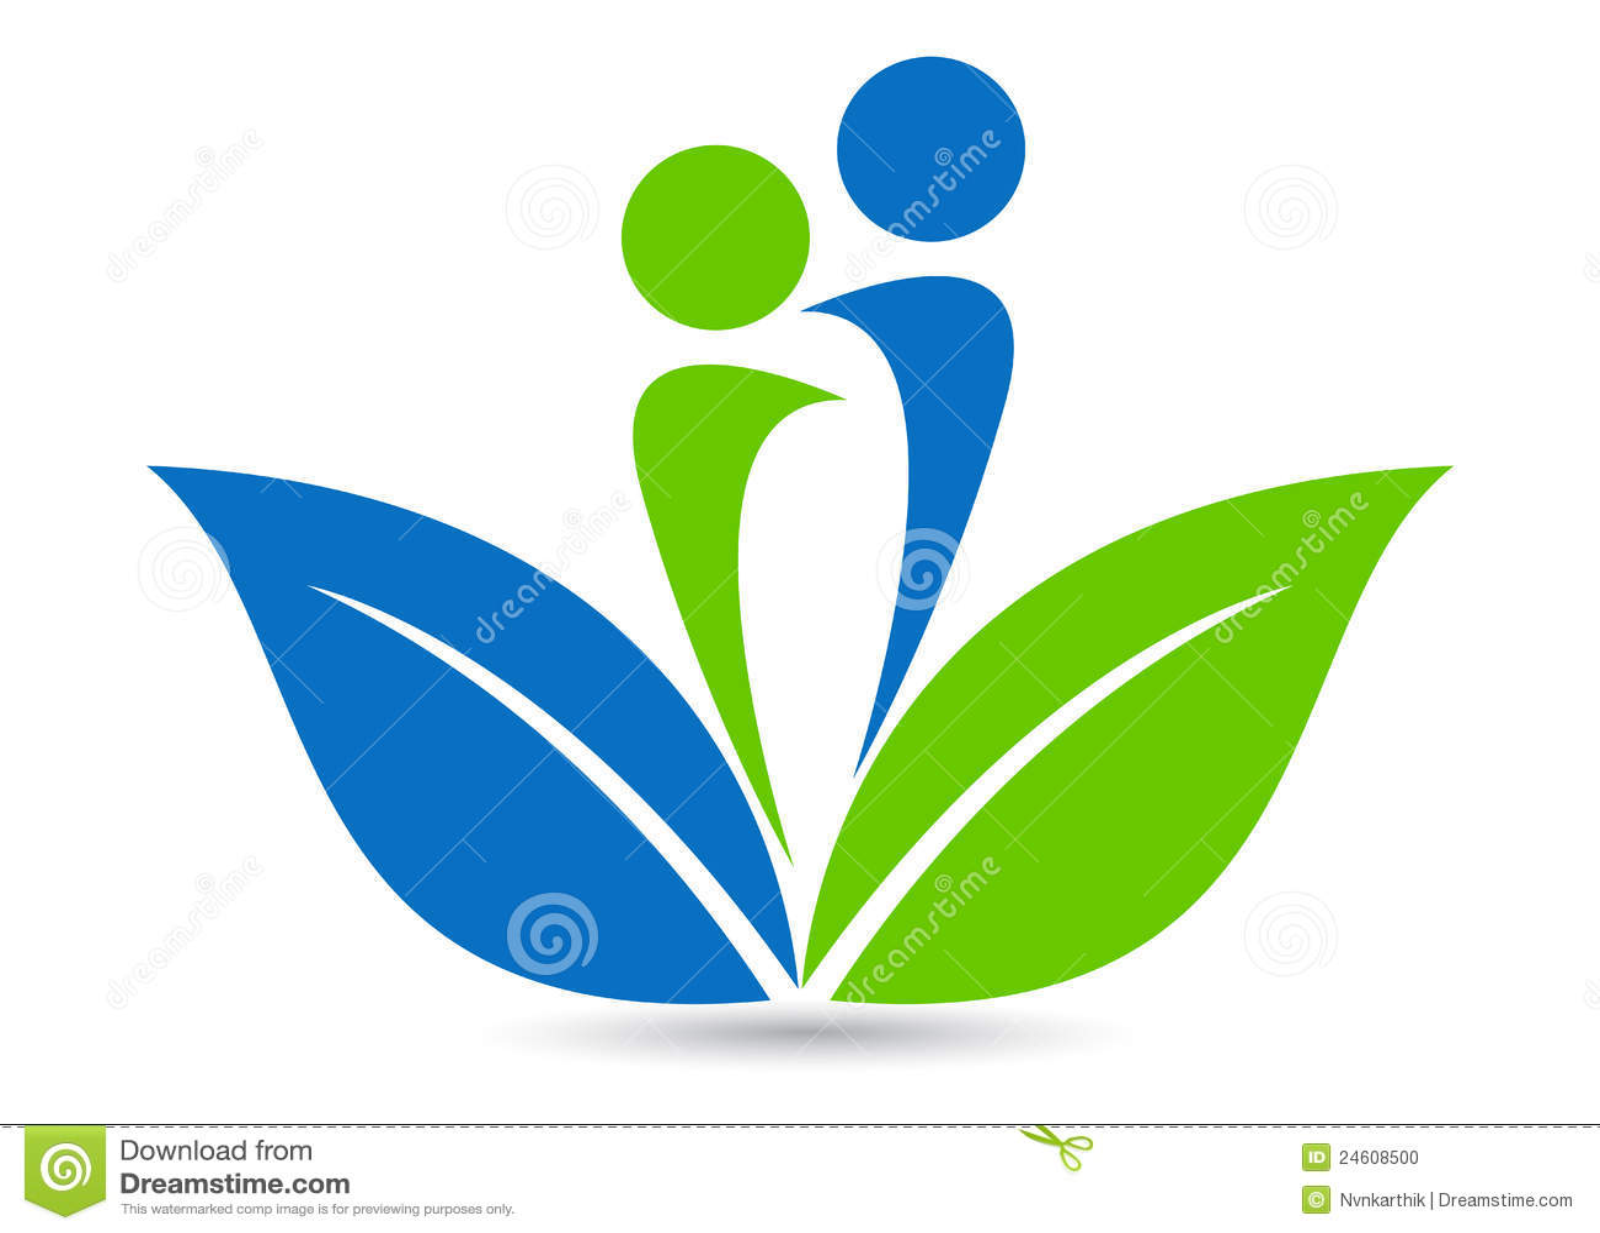 Insignia favorable al medio ambiente